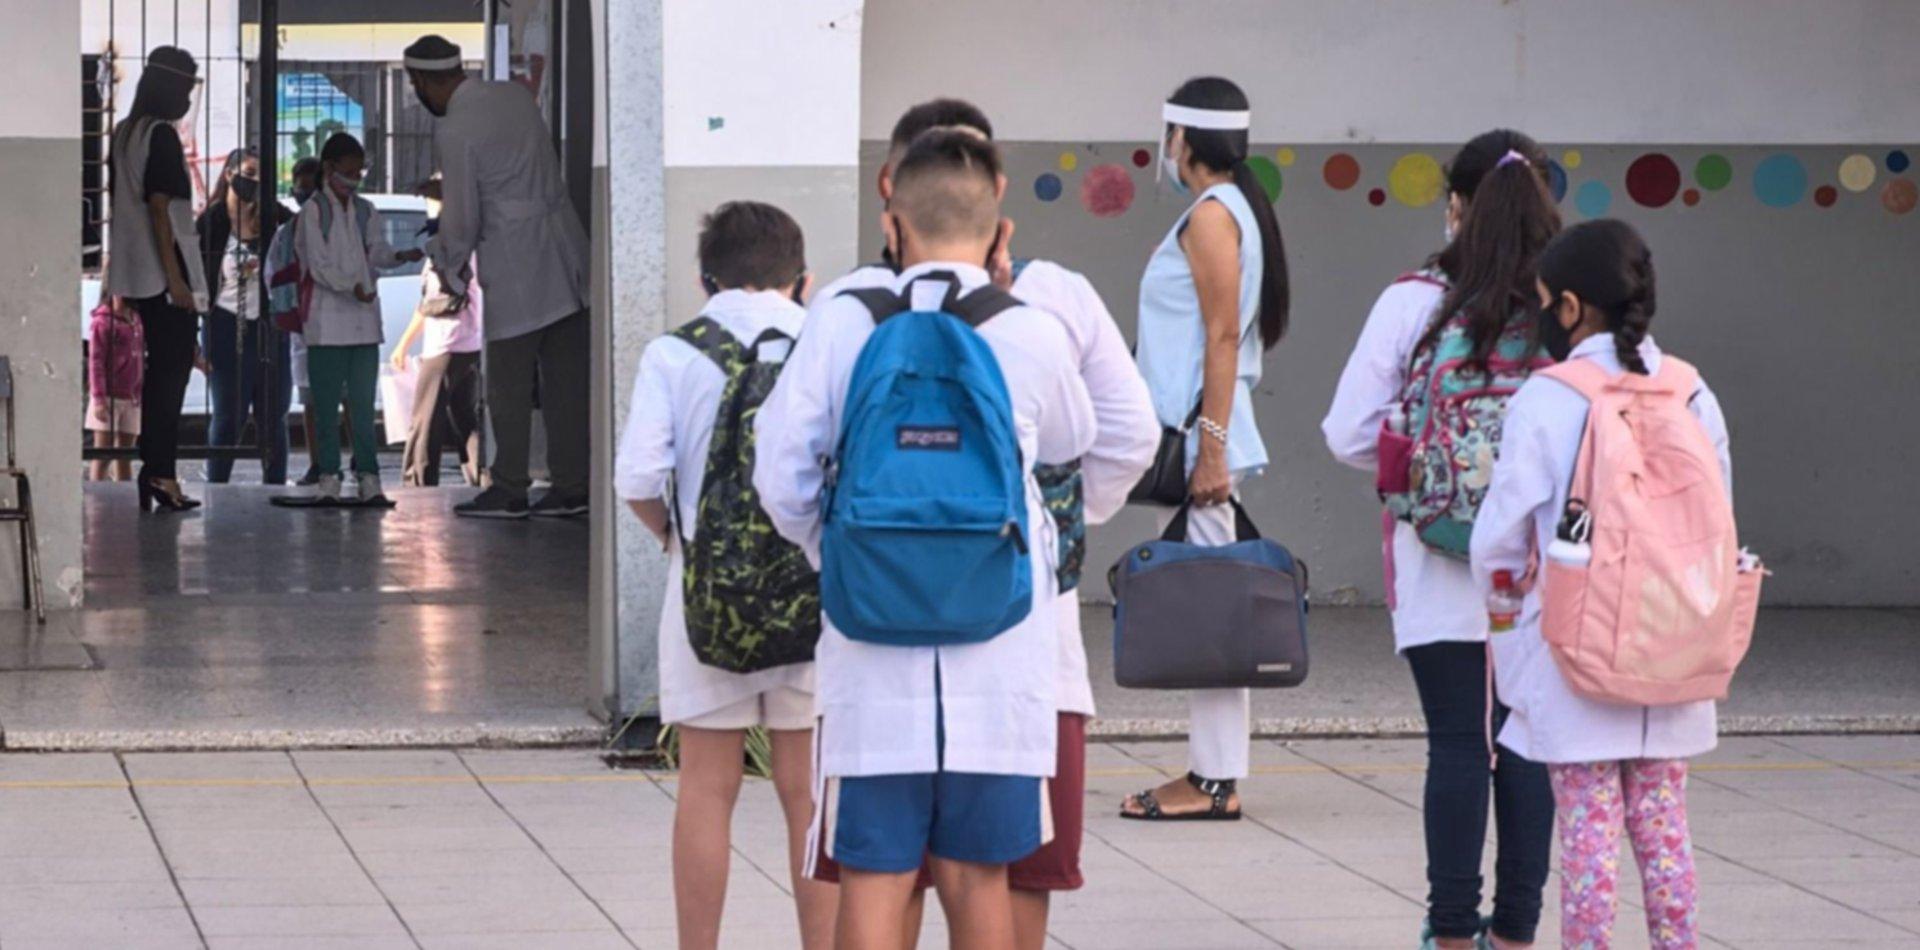 Provincia espera que bajen dos índices para volver a la presencialidad plena en escuelas